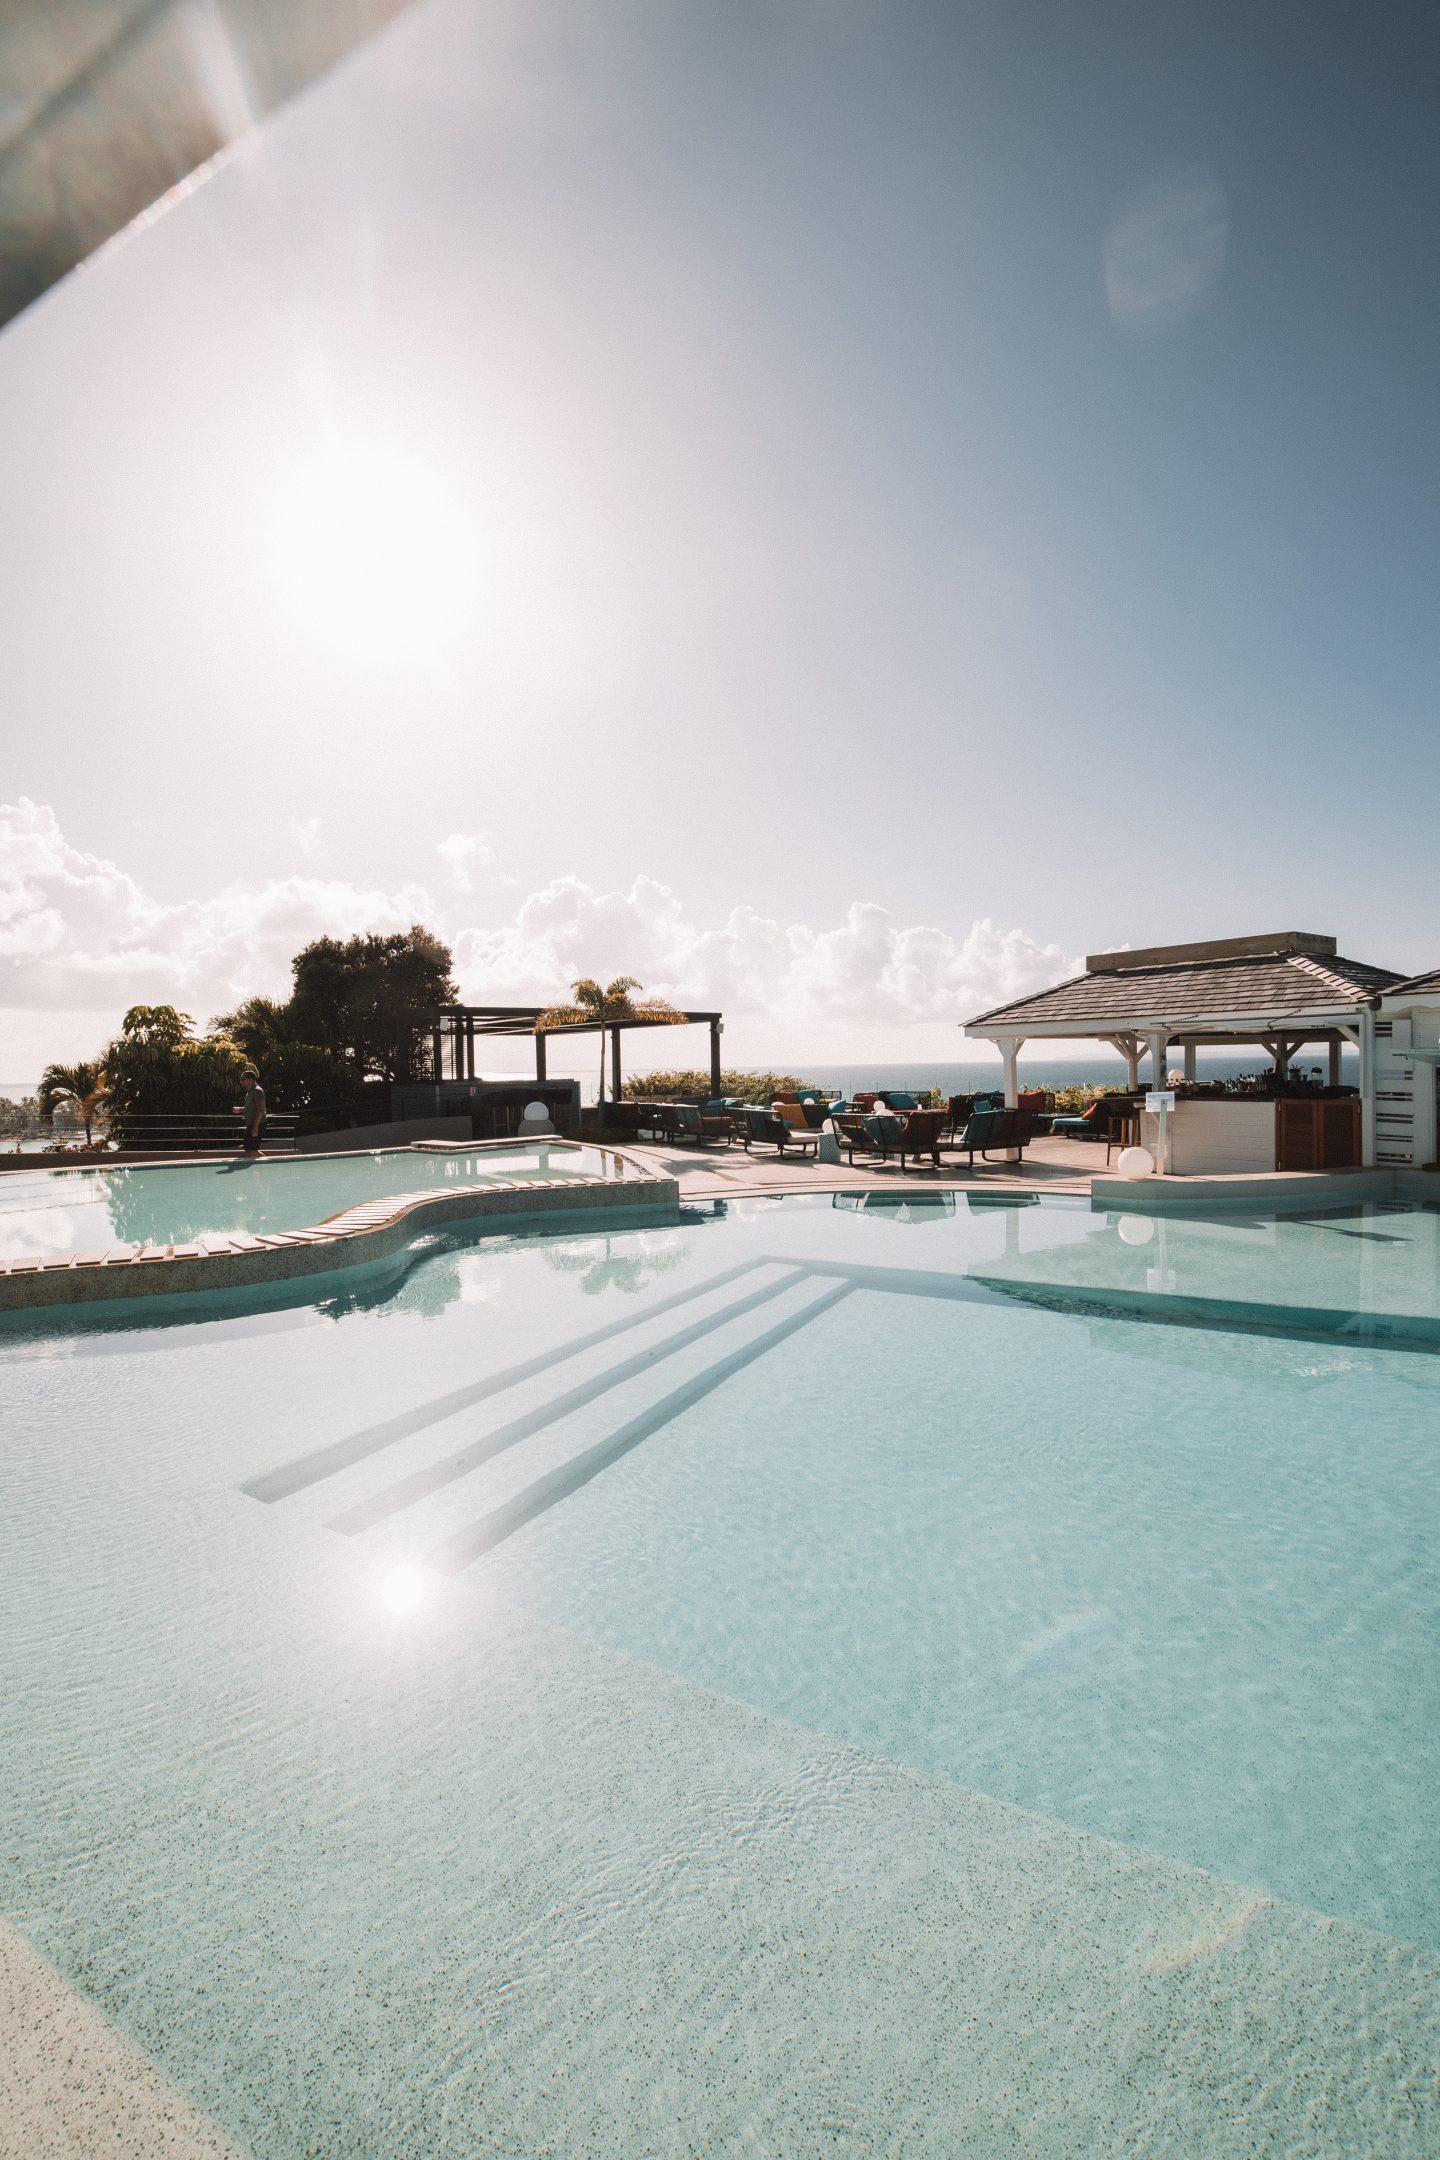 Hôtel de luxe Guadeloupe - Blondie Baby blog voyage et mode